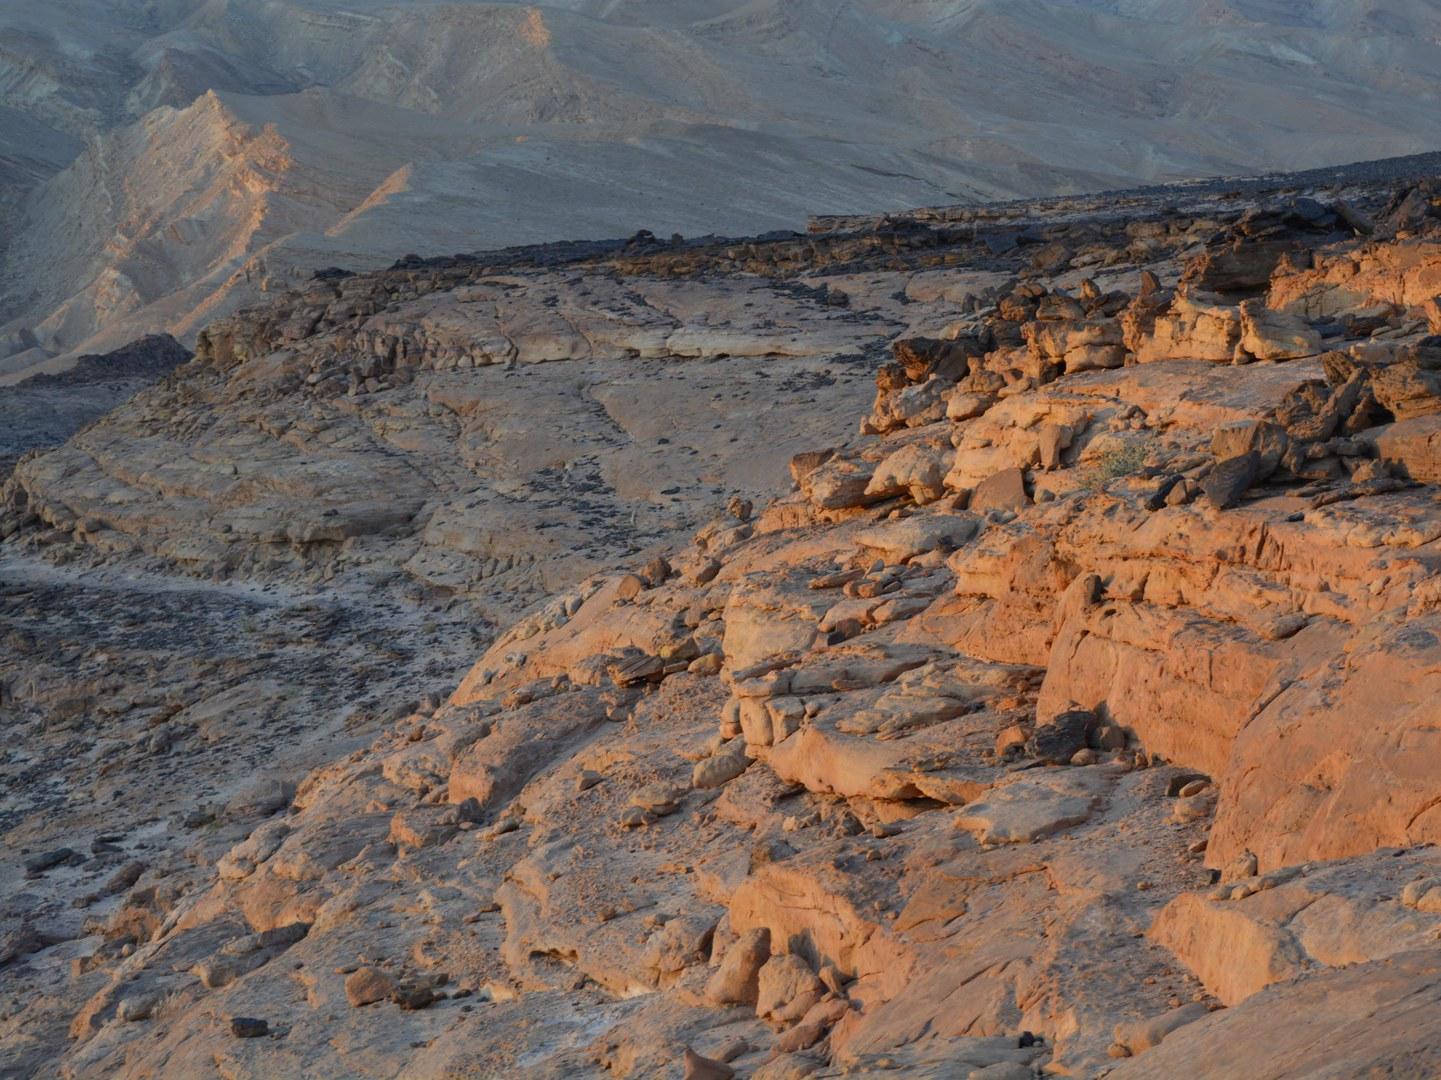 Wadi Aymera